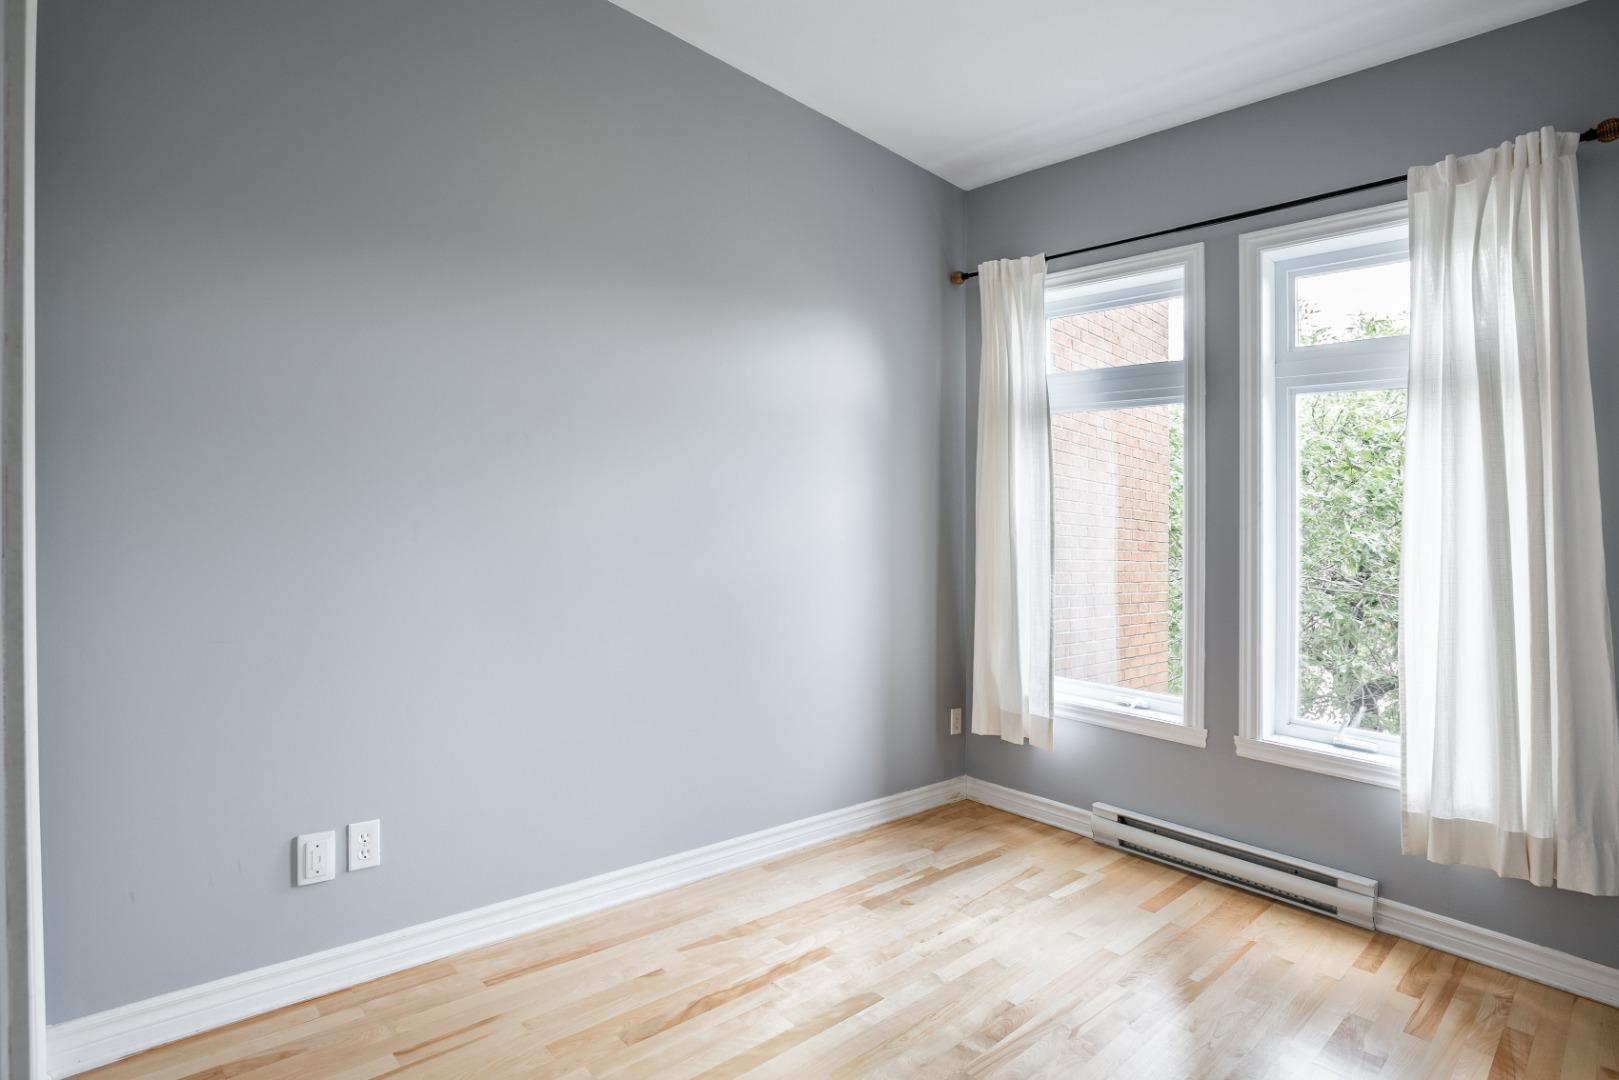 condo a vendre rosemont_montreal- 3860 rue masson_#3_AL-16.jpg